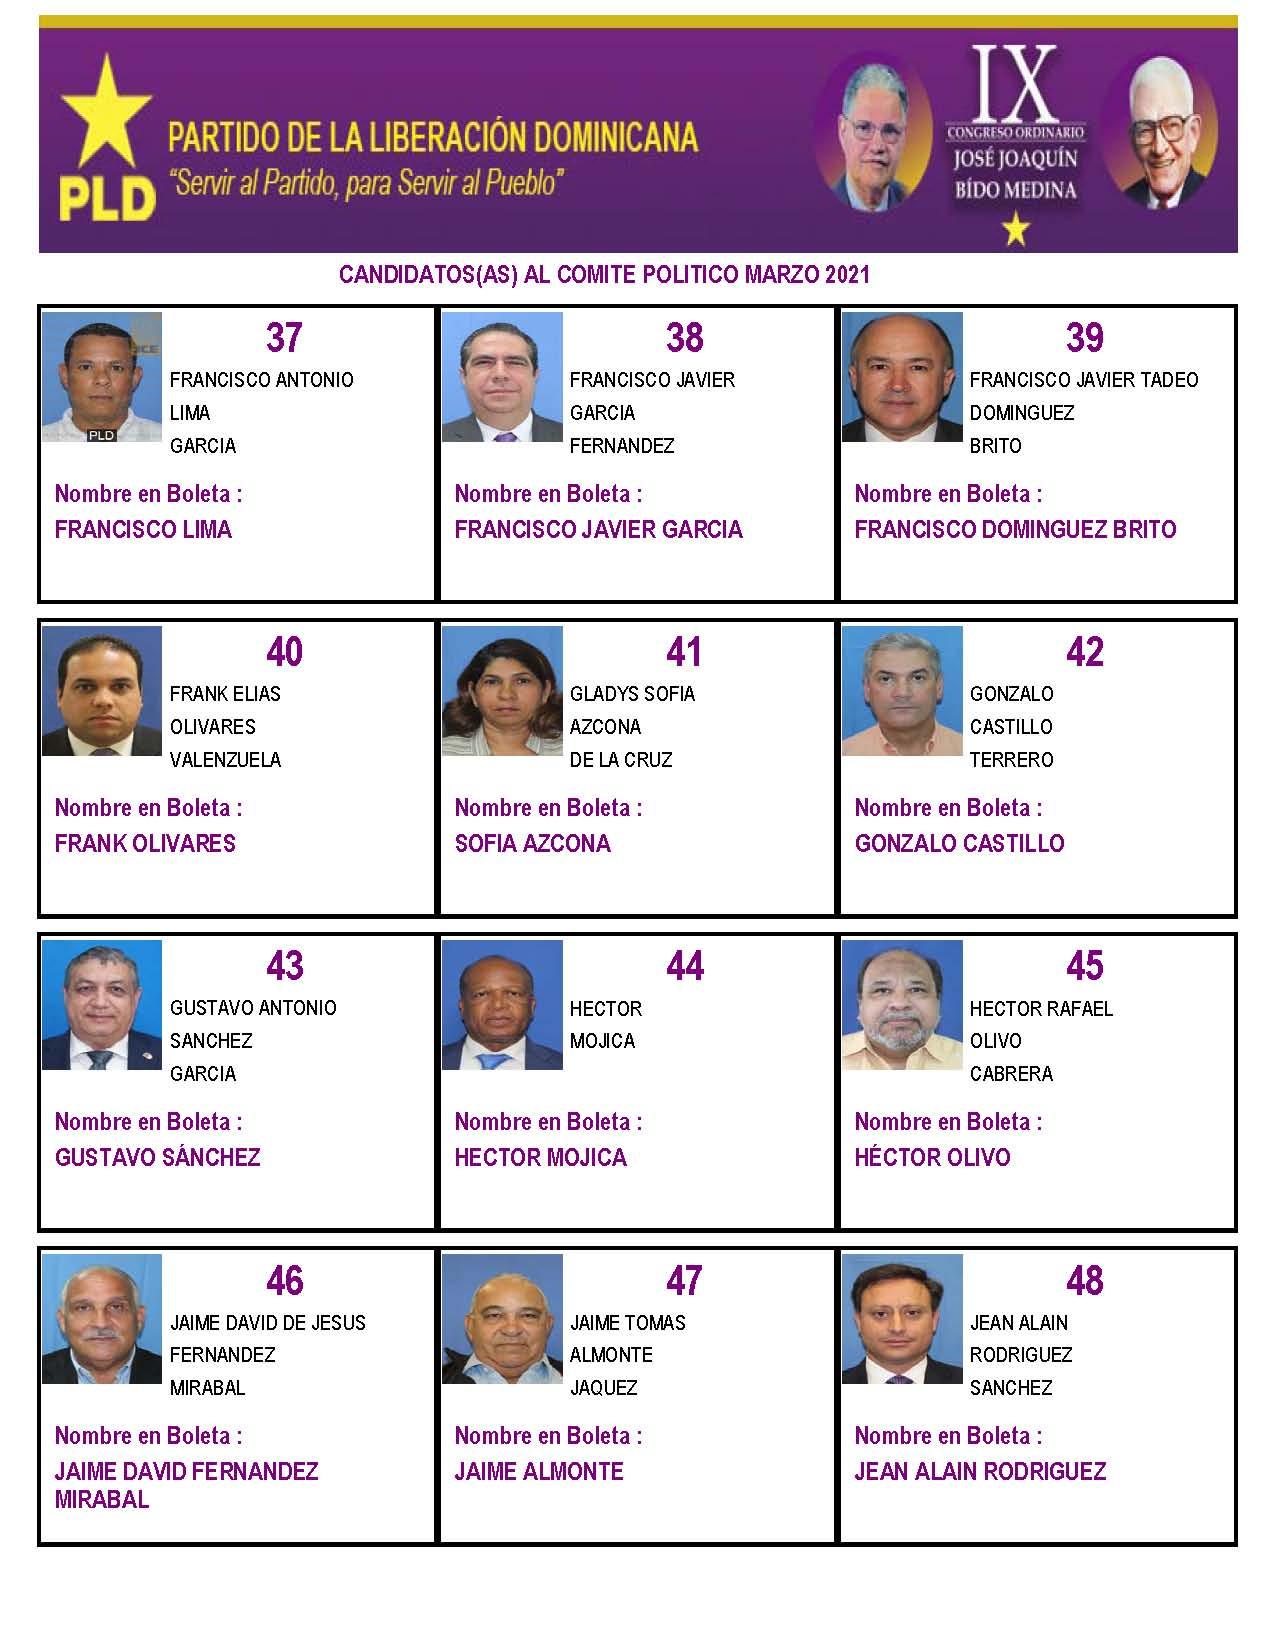 Lista de los 116 candidatos al Comité Político del PLD